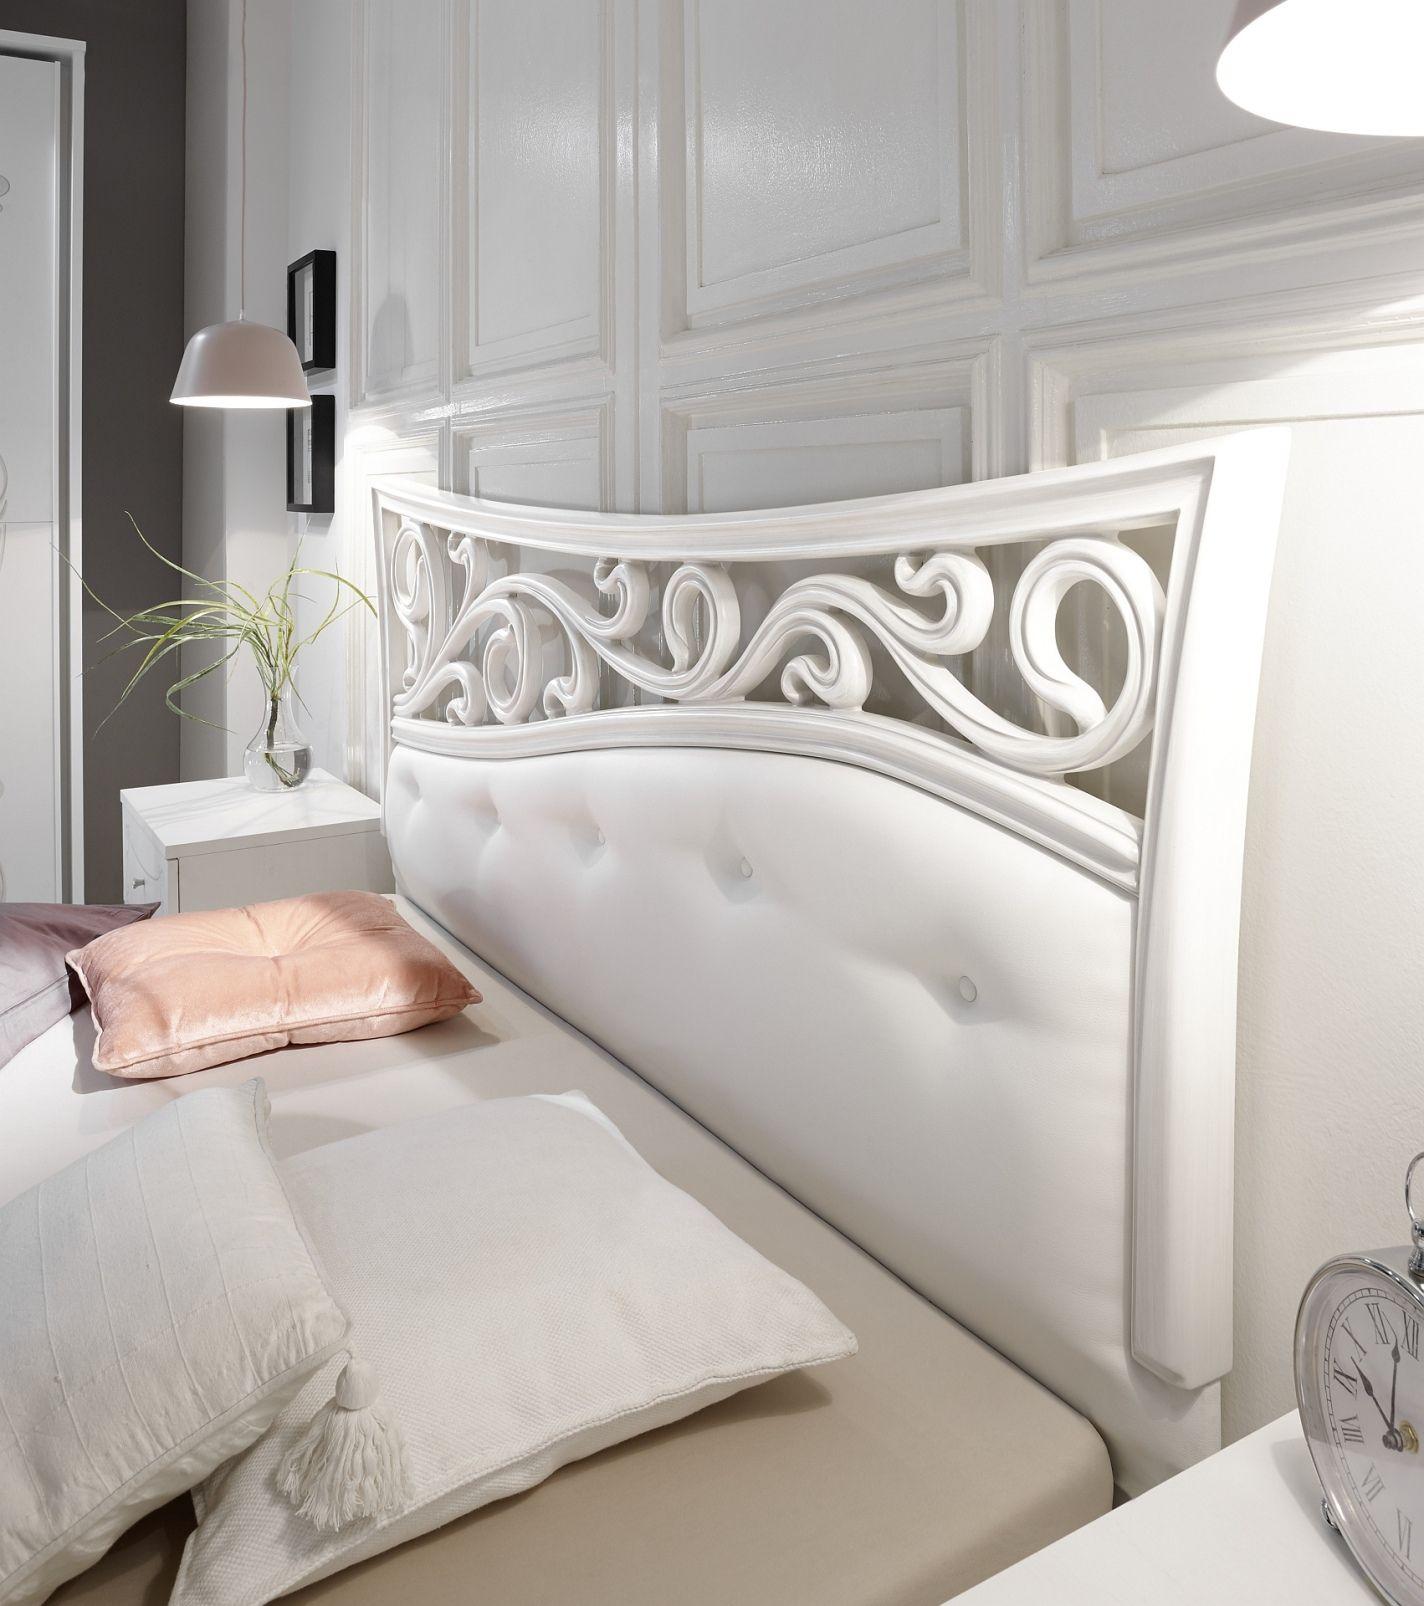 Letto sun Camera da letto idee